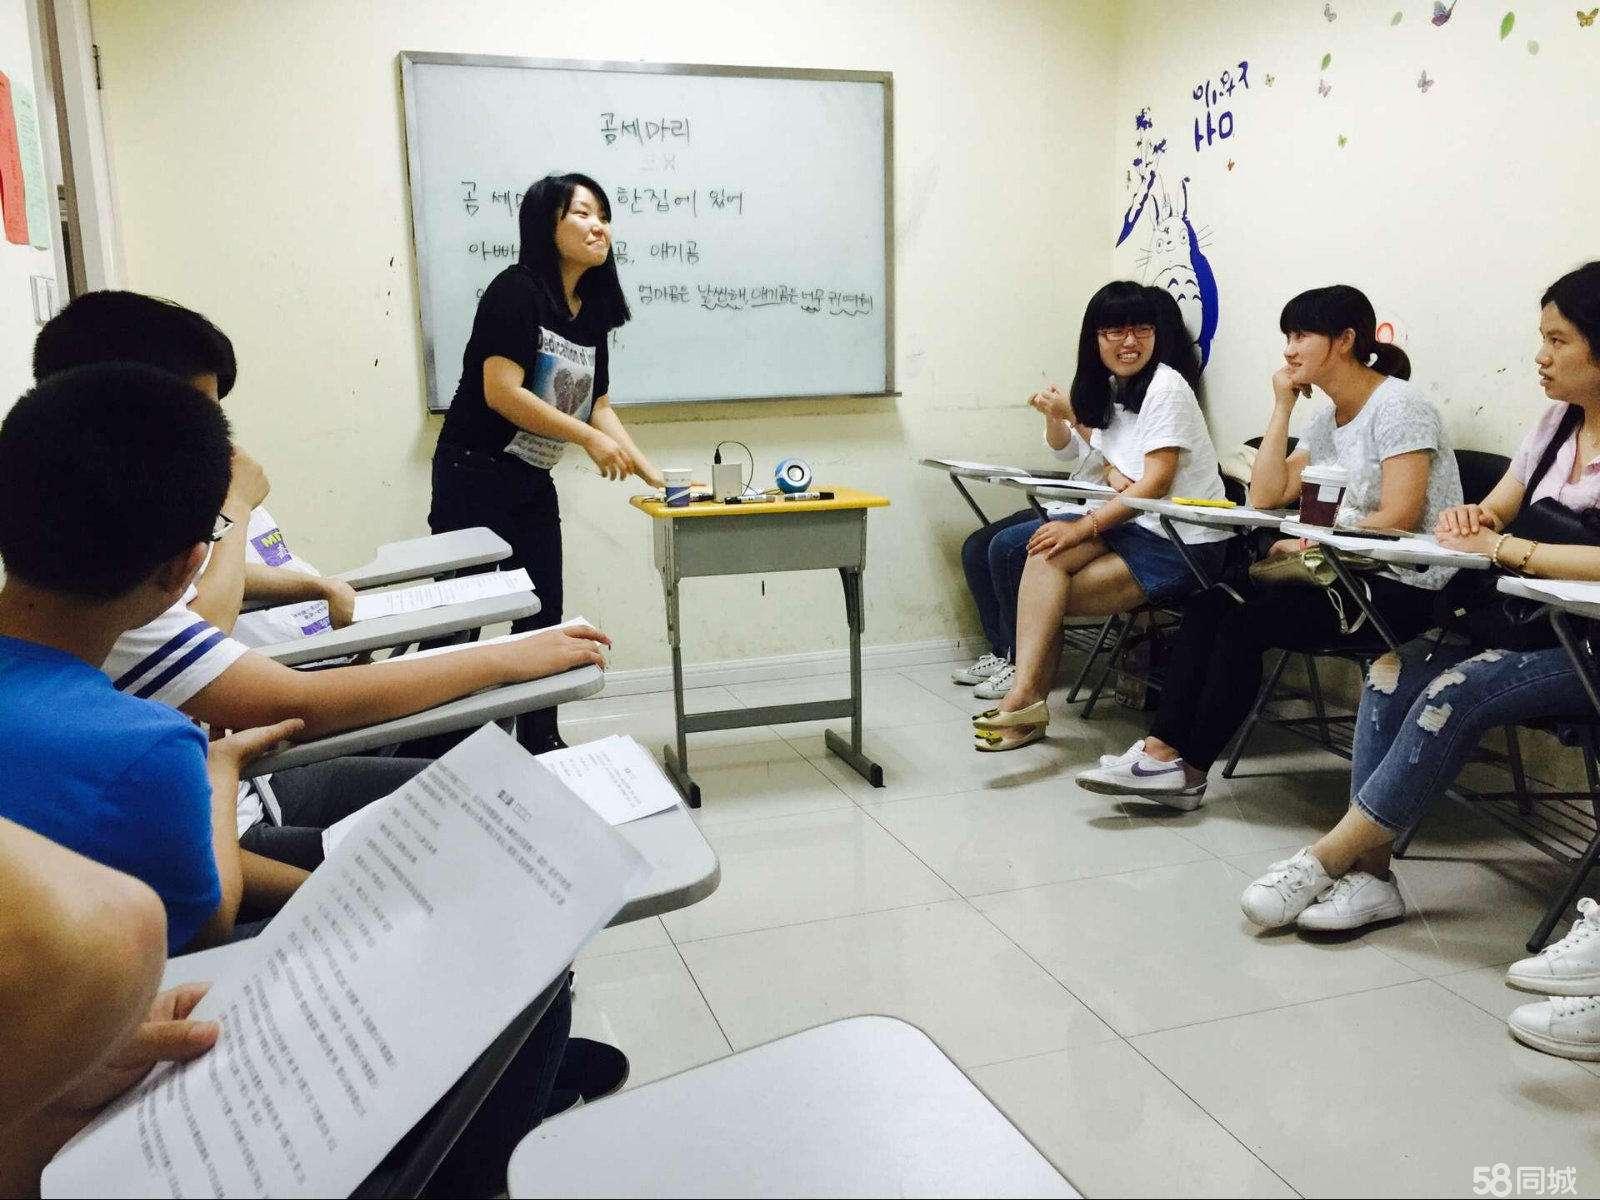 昆明泰语学习学校